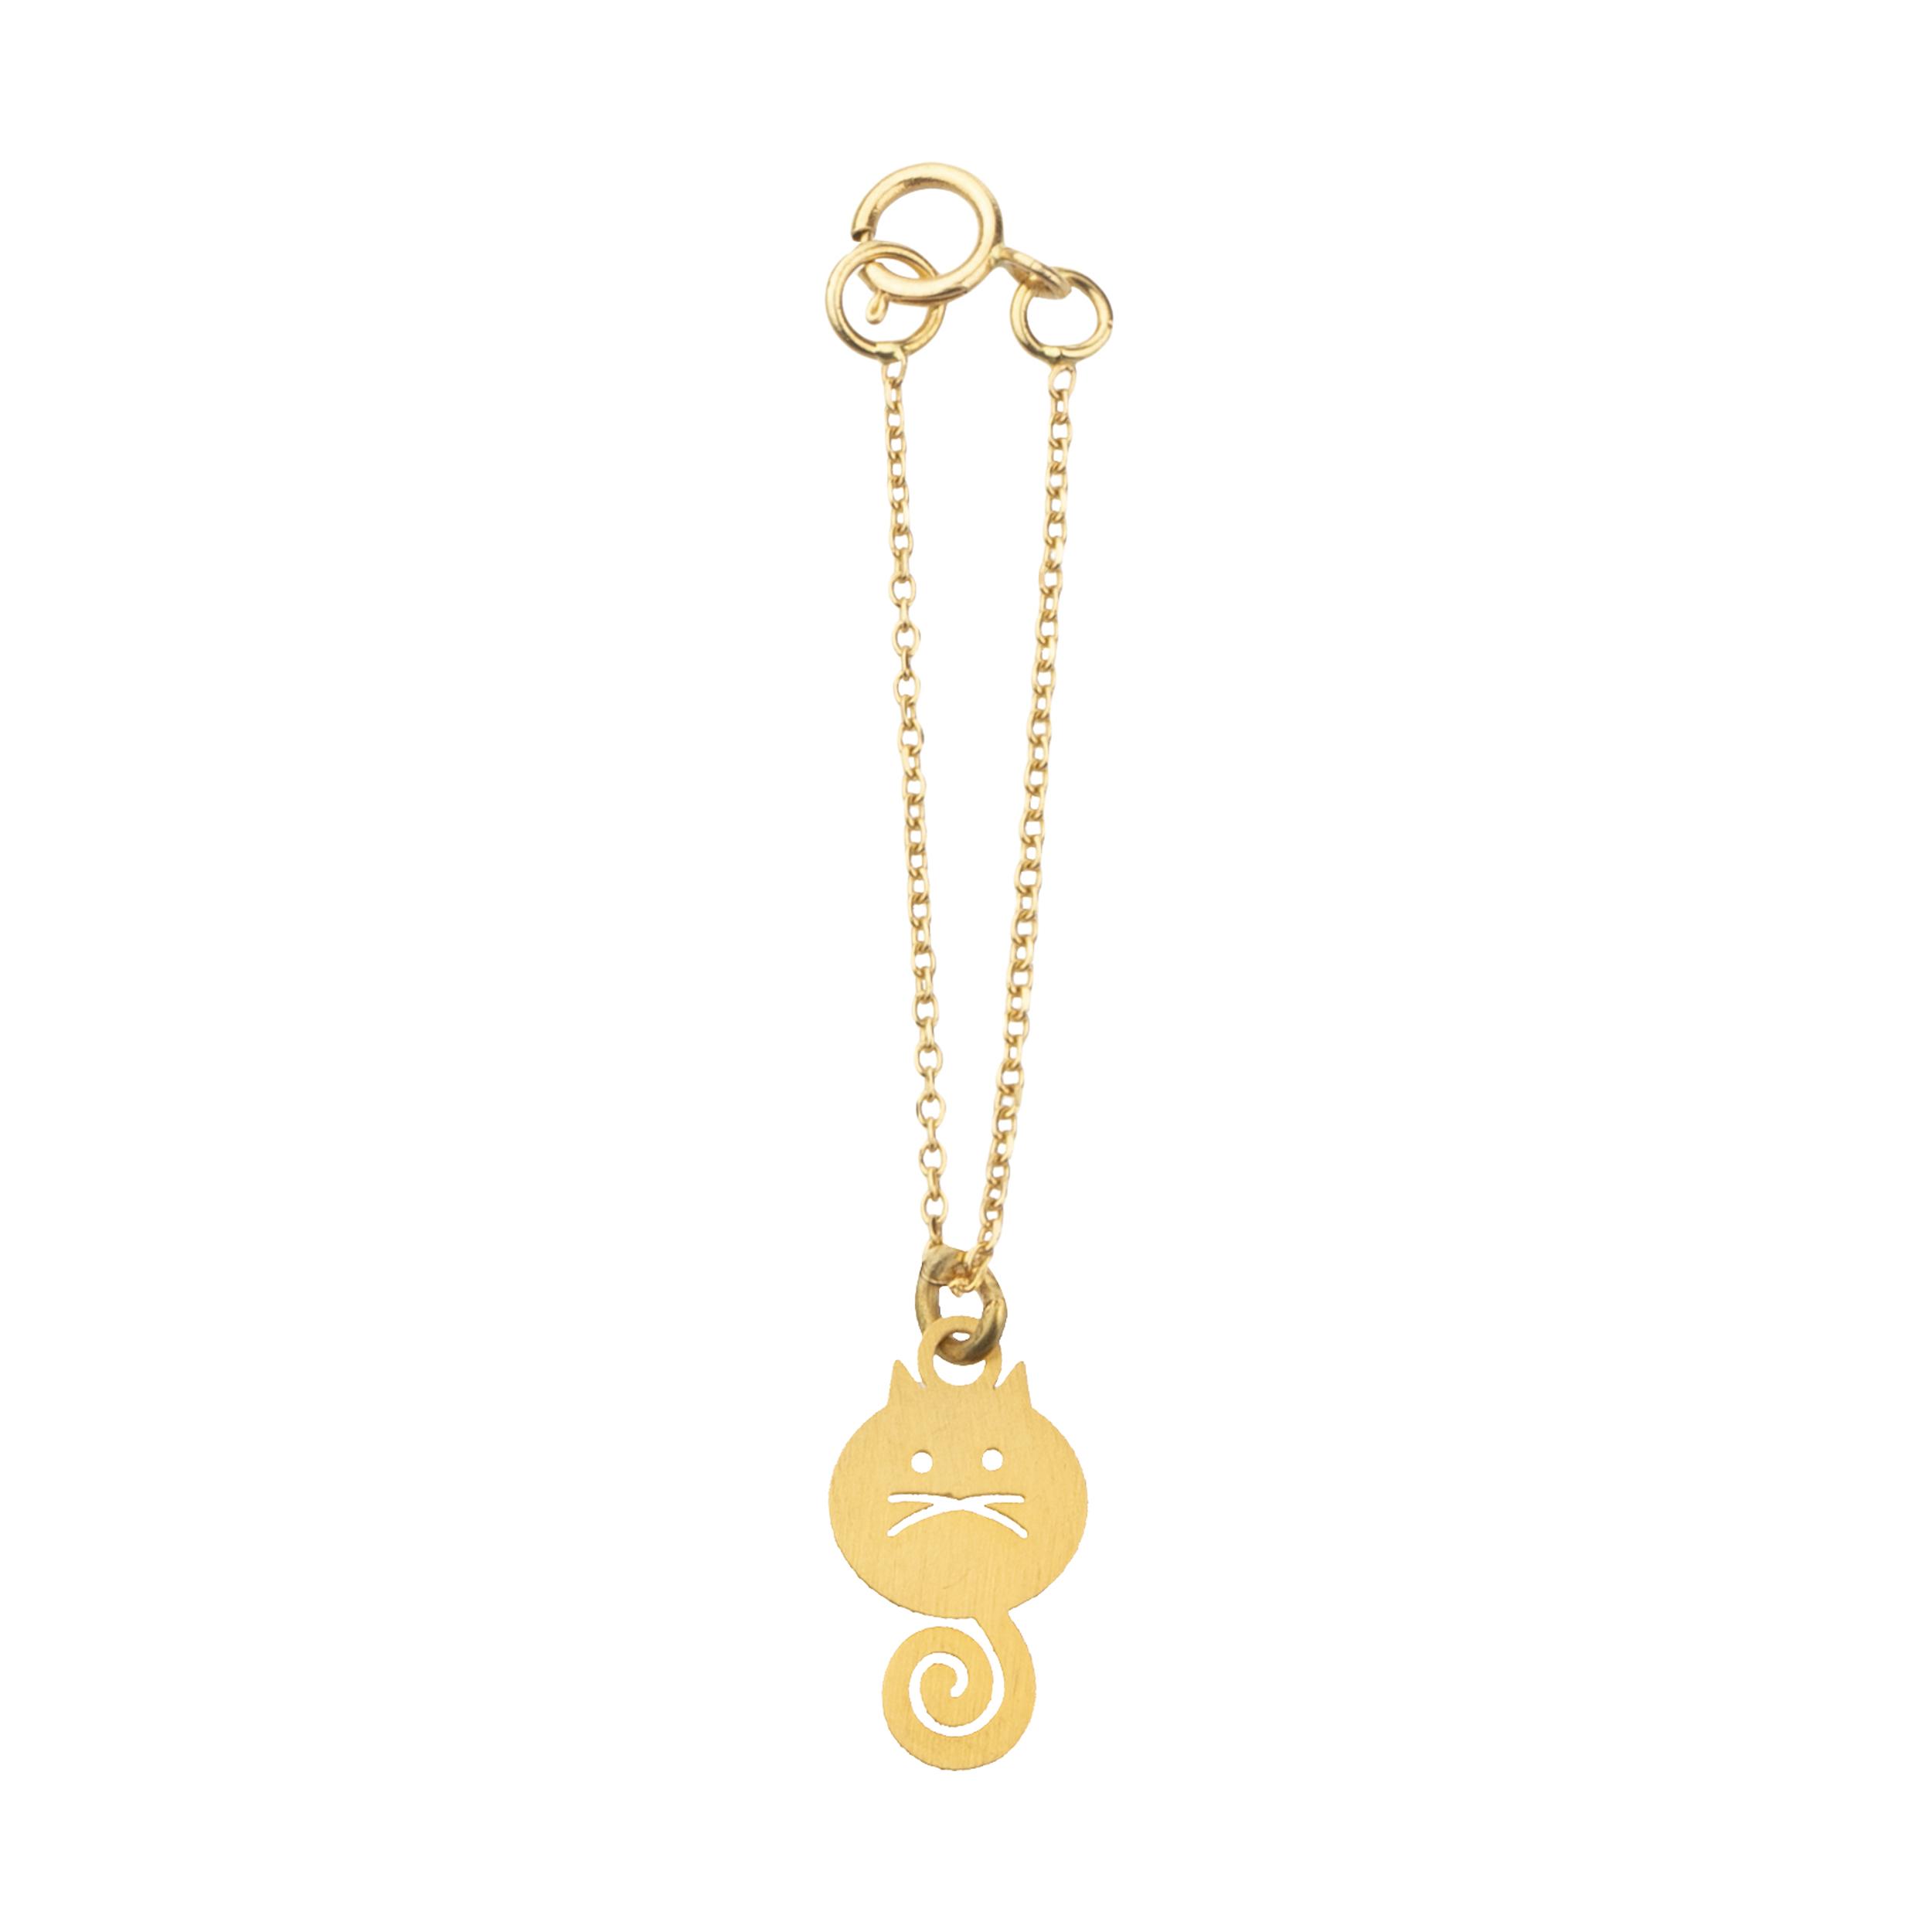 آویز ساعت طلا 18 عیار زنانه میو گلد مدل GD615